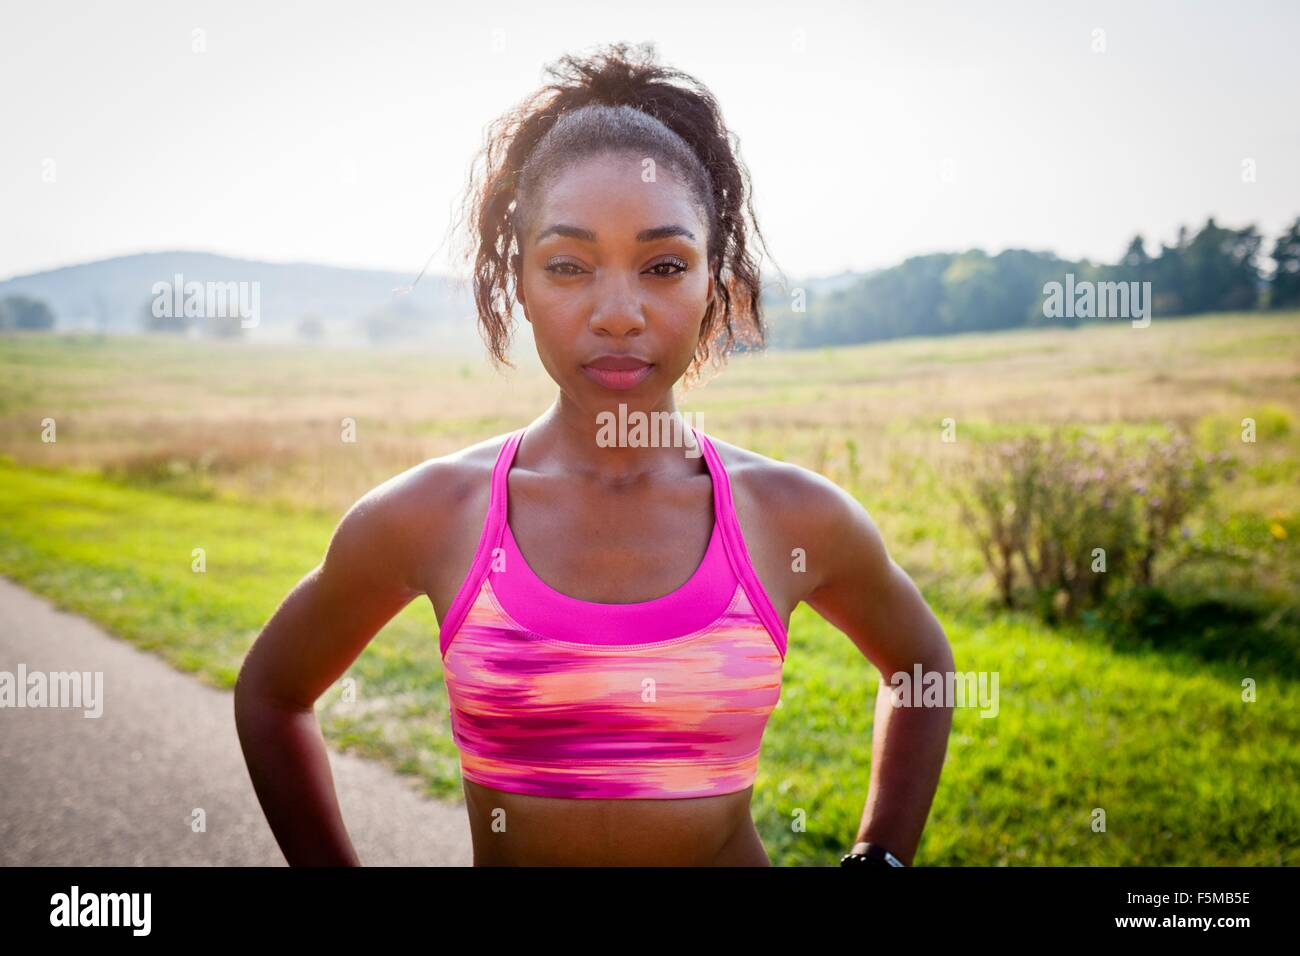 Ritratto di giovane donna runner con le mani sui fianchi nel parco rurale Immagini Stock